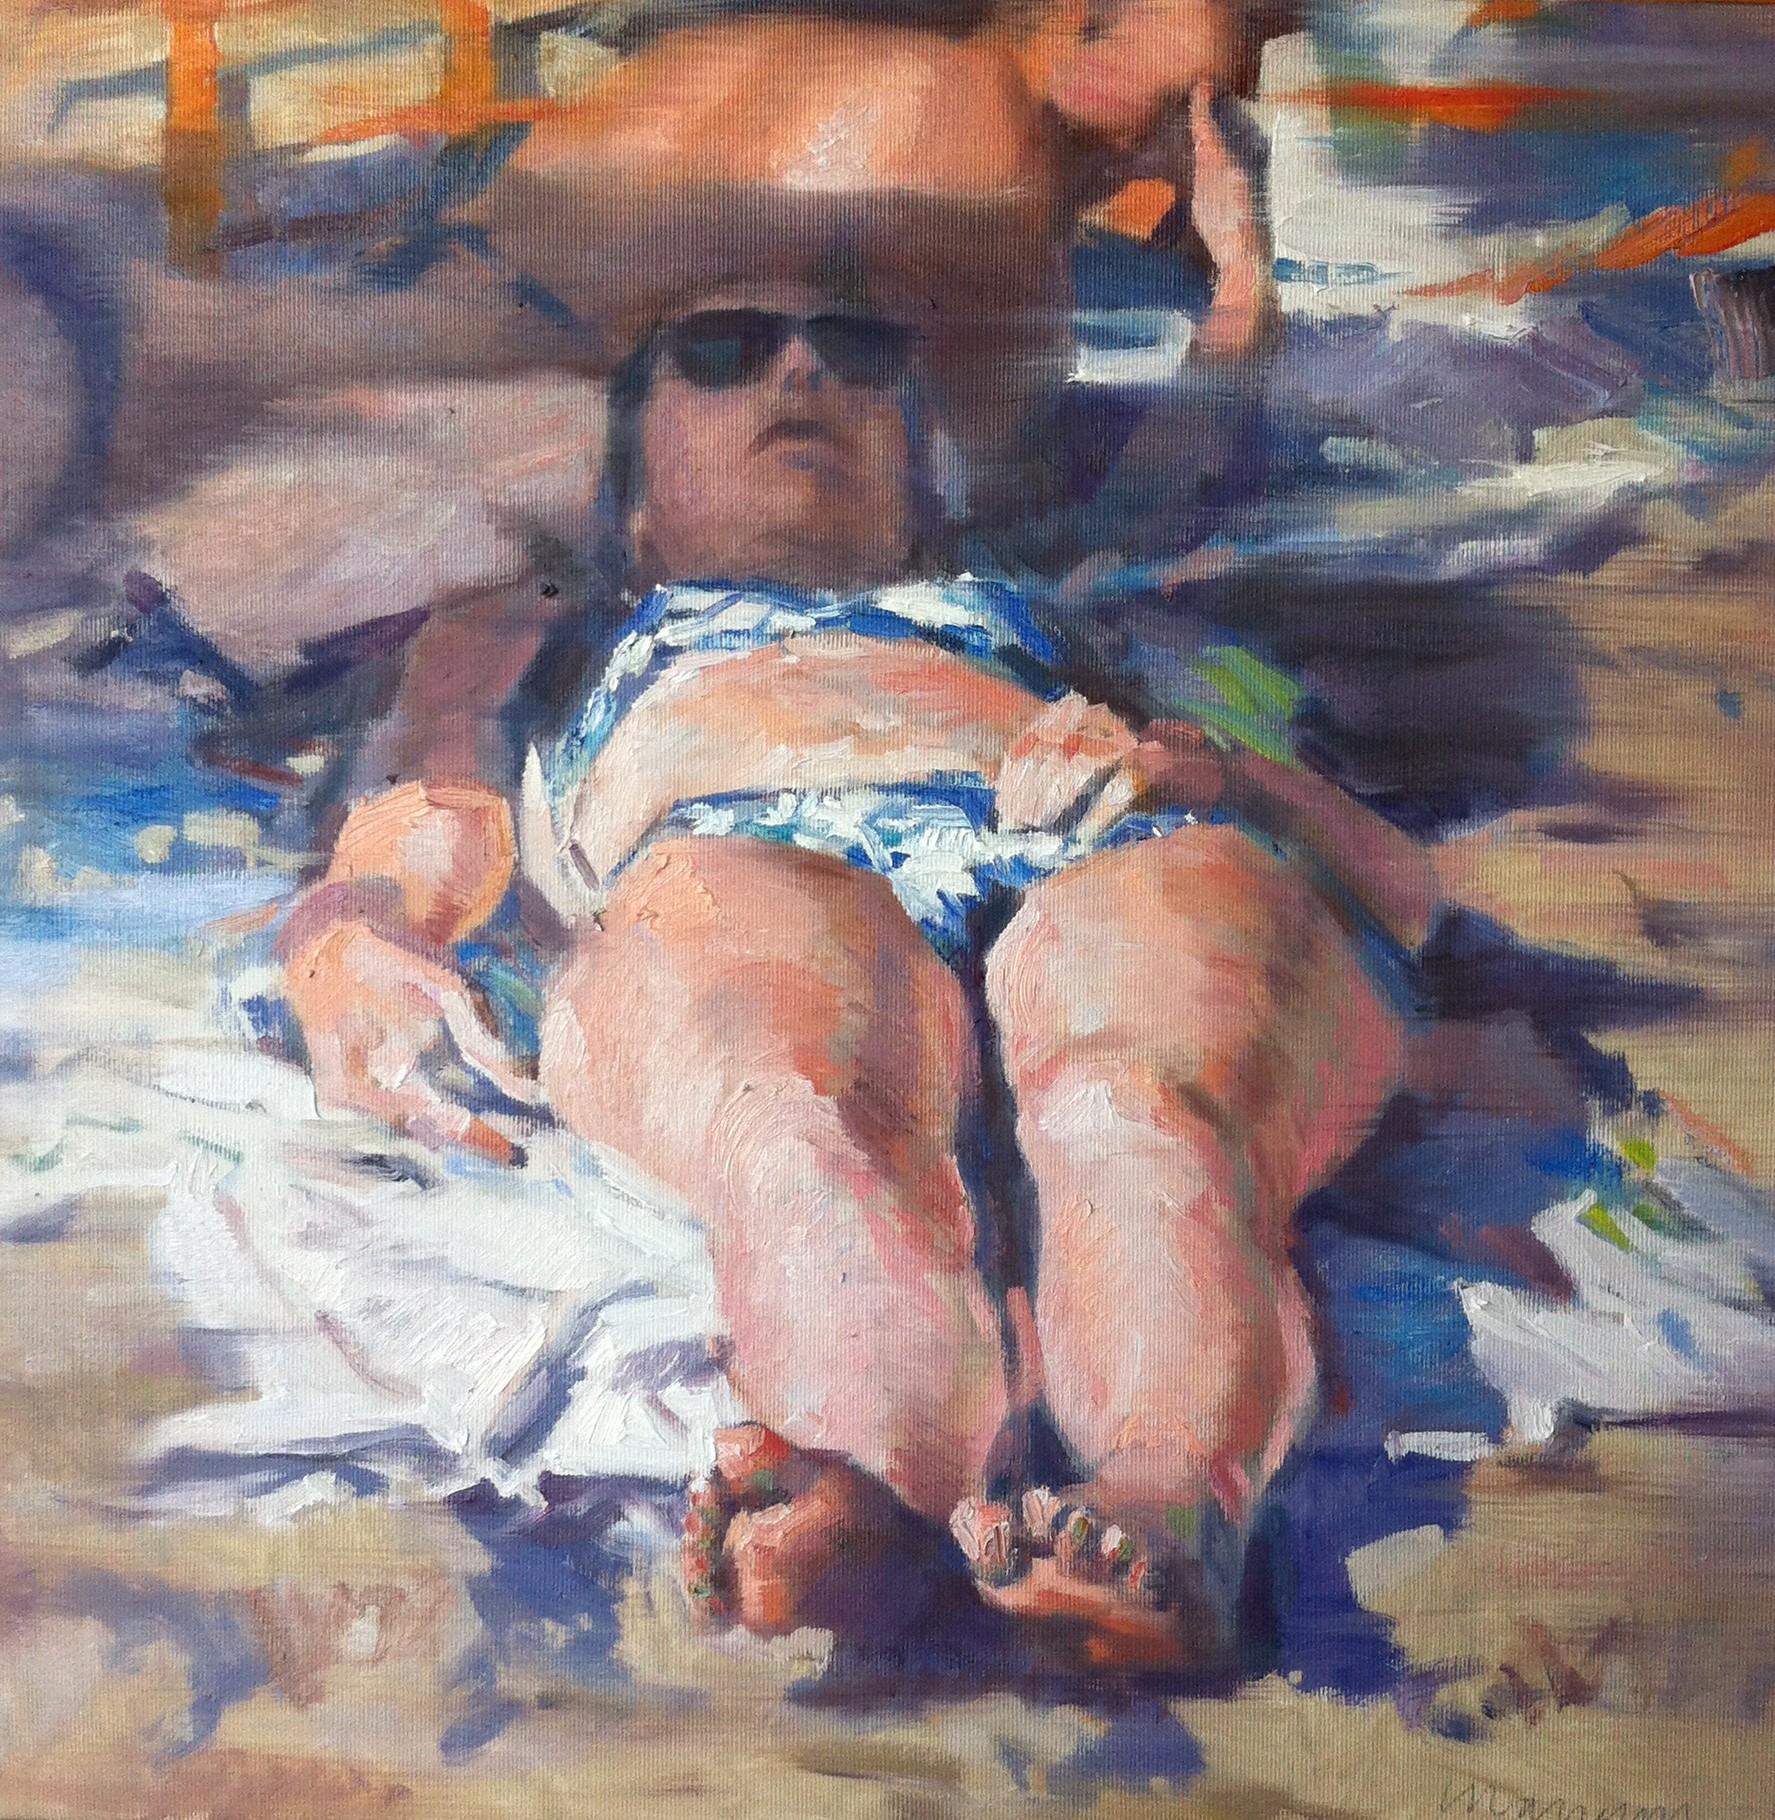 Andrea Mancini, Tesi ma distesi (2013) cm 40x40, cat. 01608